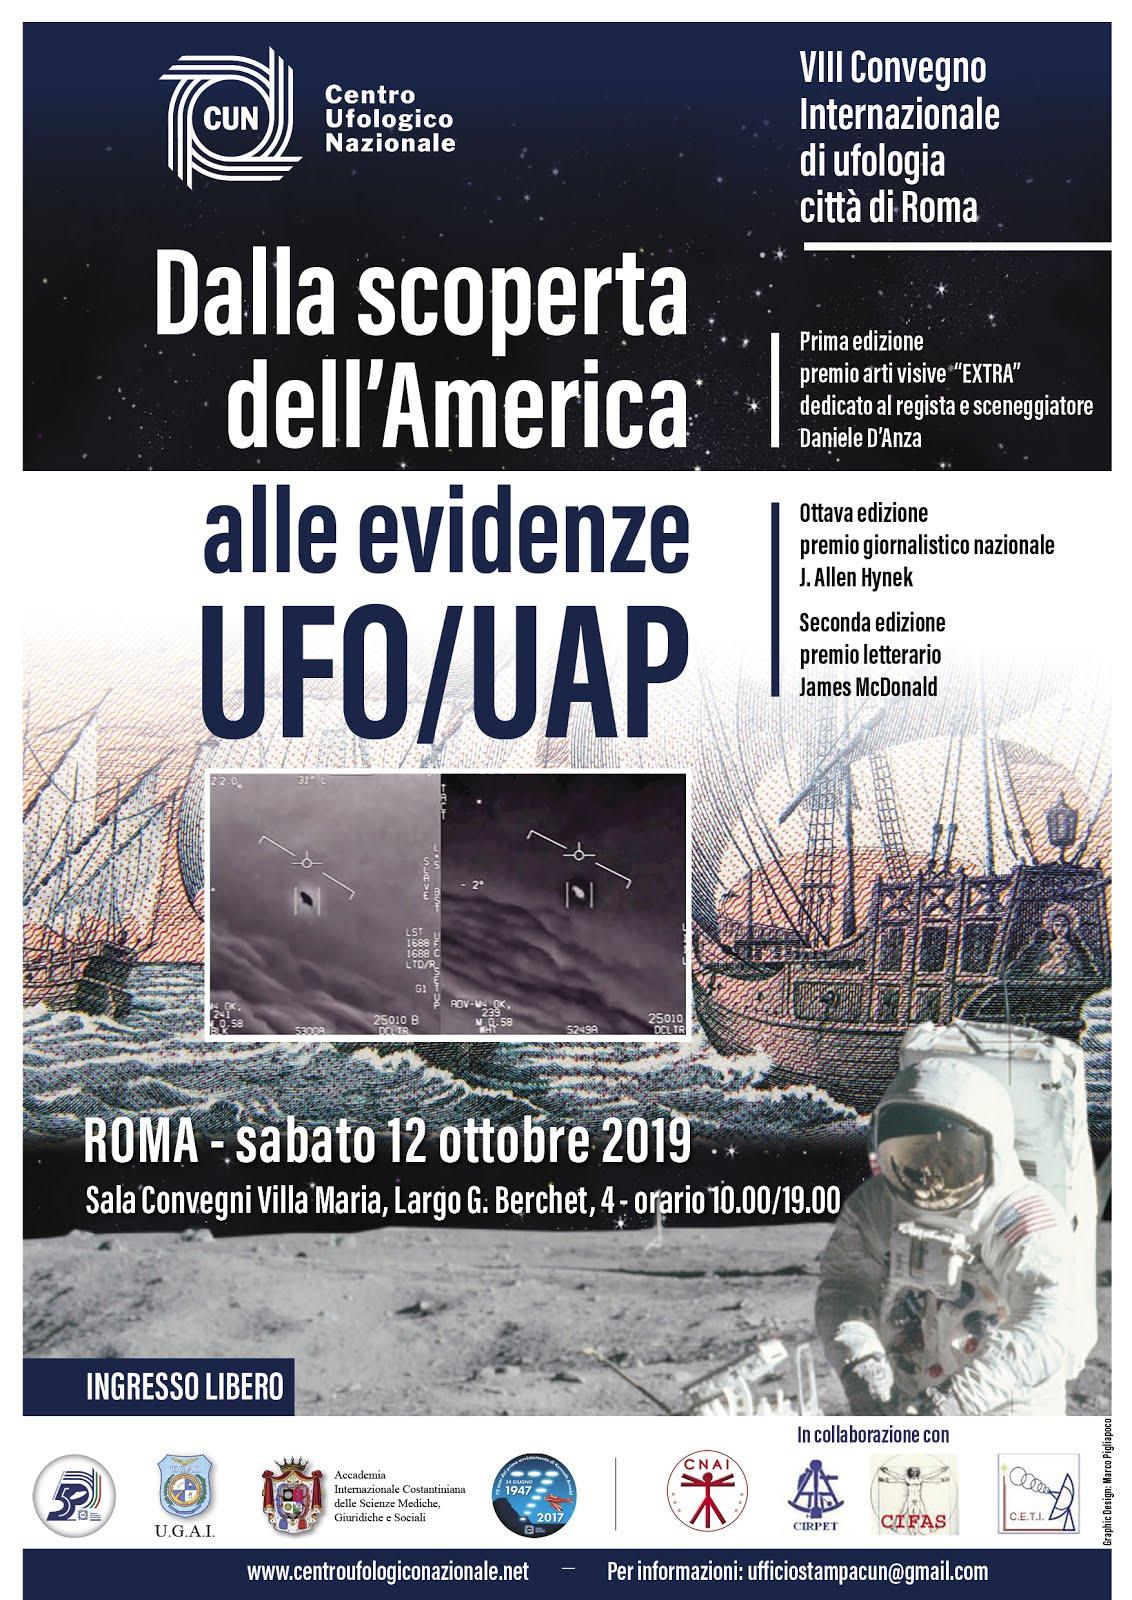 DALLA SCOPERTA DELL'AMERICA ALLE EVIDENZE UFO/UAP